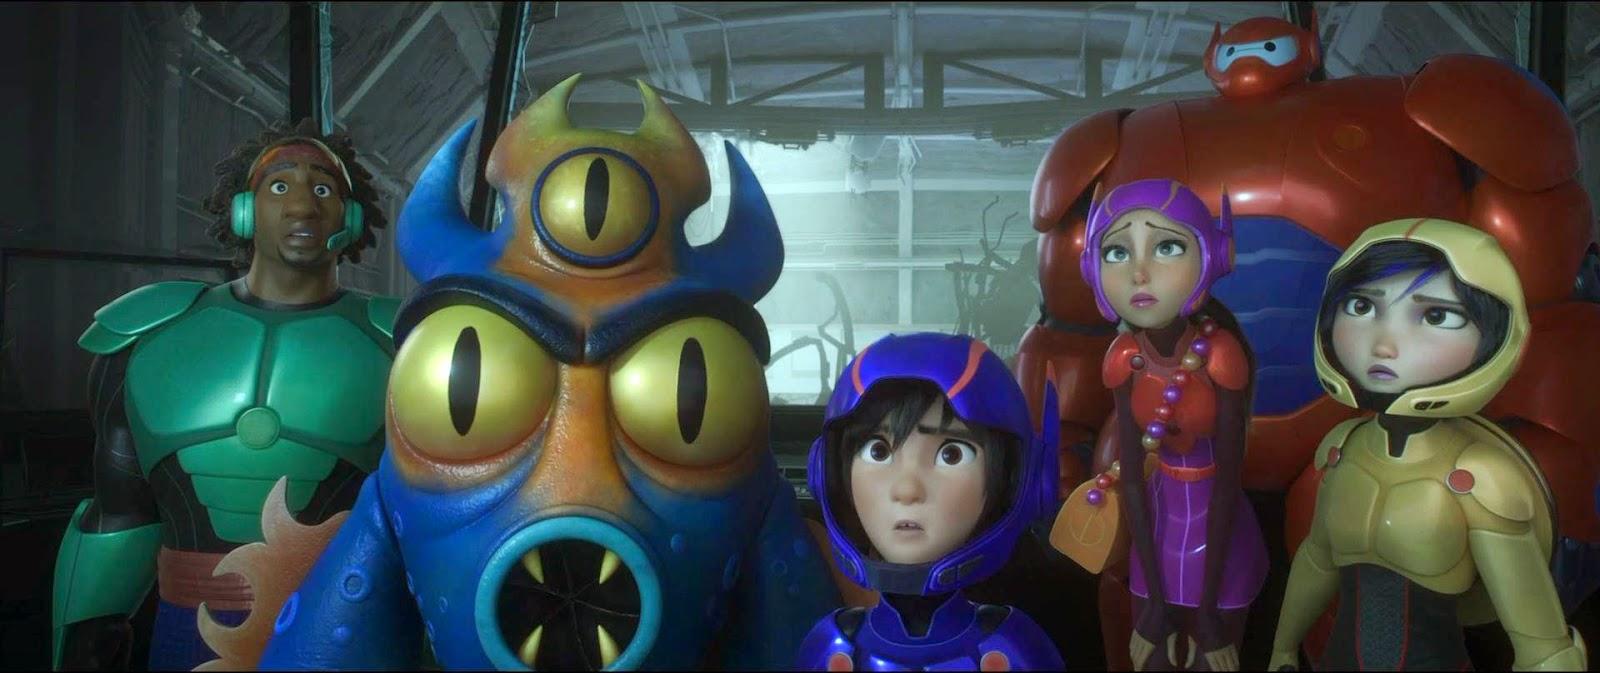 Big Hero 6 (2014) 1080p 1080p S3 s Big Hero 6 (2014) 1080p 1080p